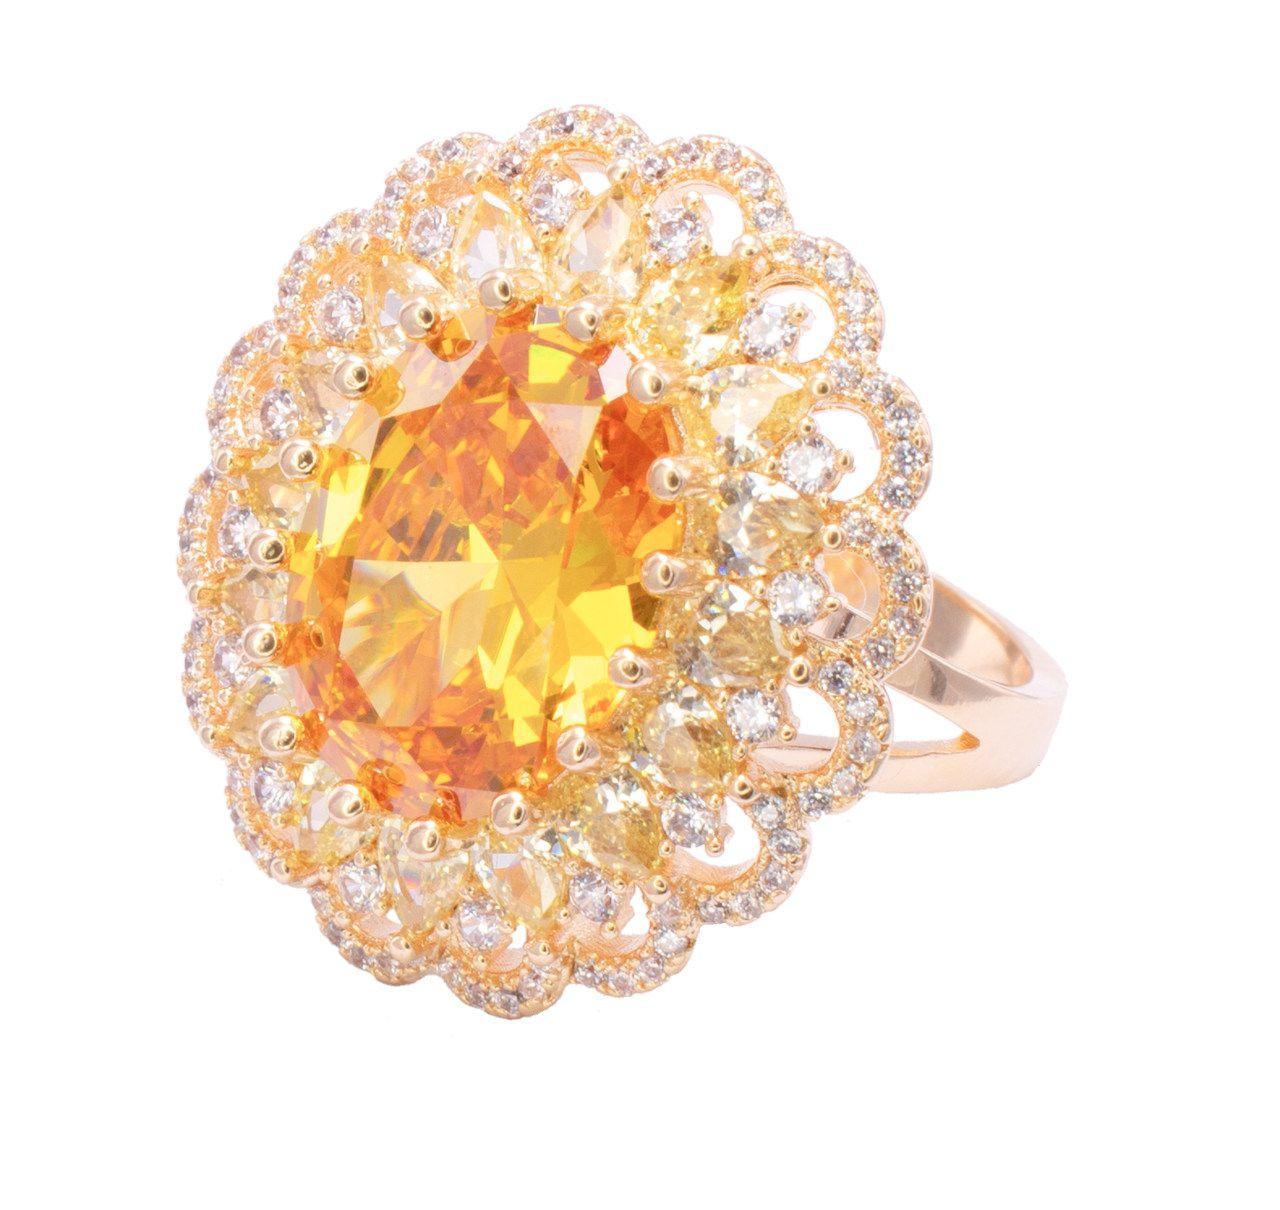 Anel com Cristal Amarelo e Pedra Zircônia Incolor Banho Ouro 18k - Giro Semijoias